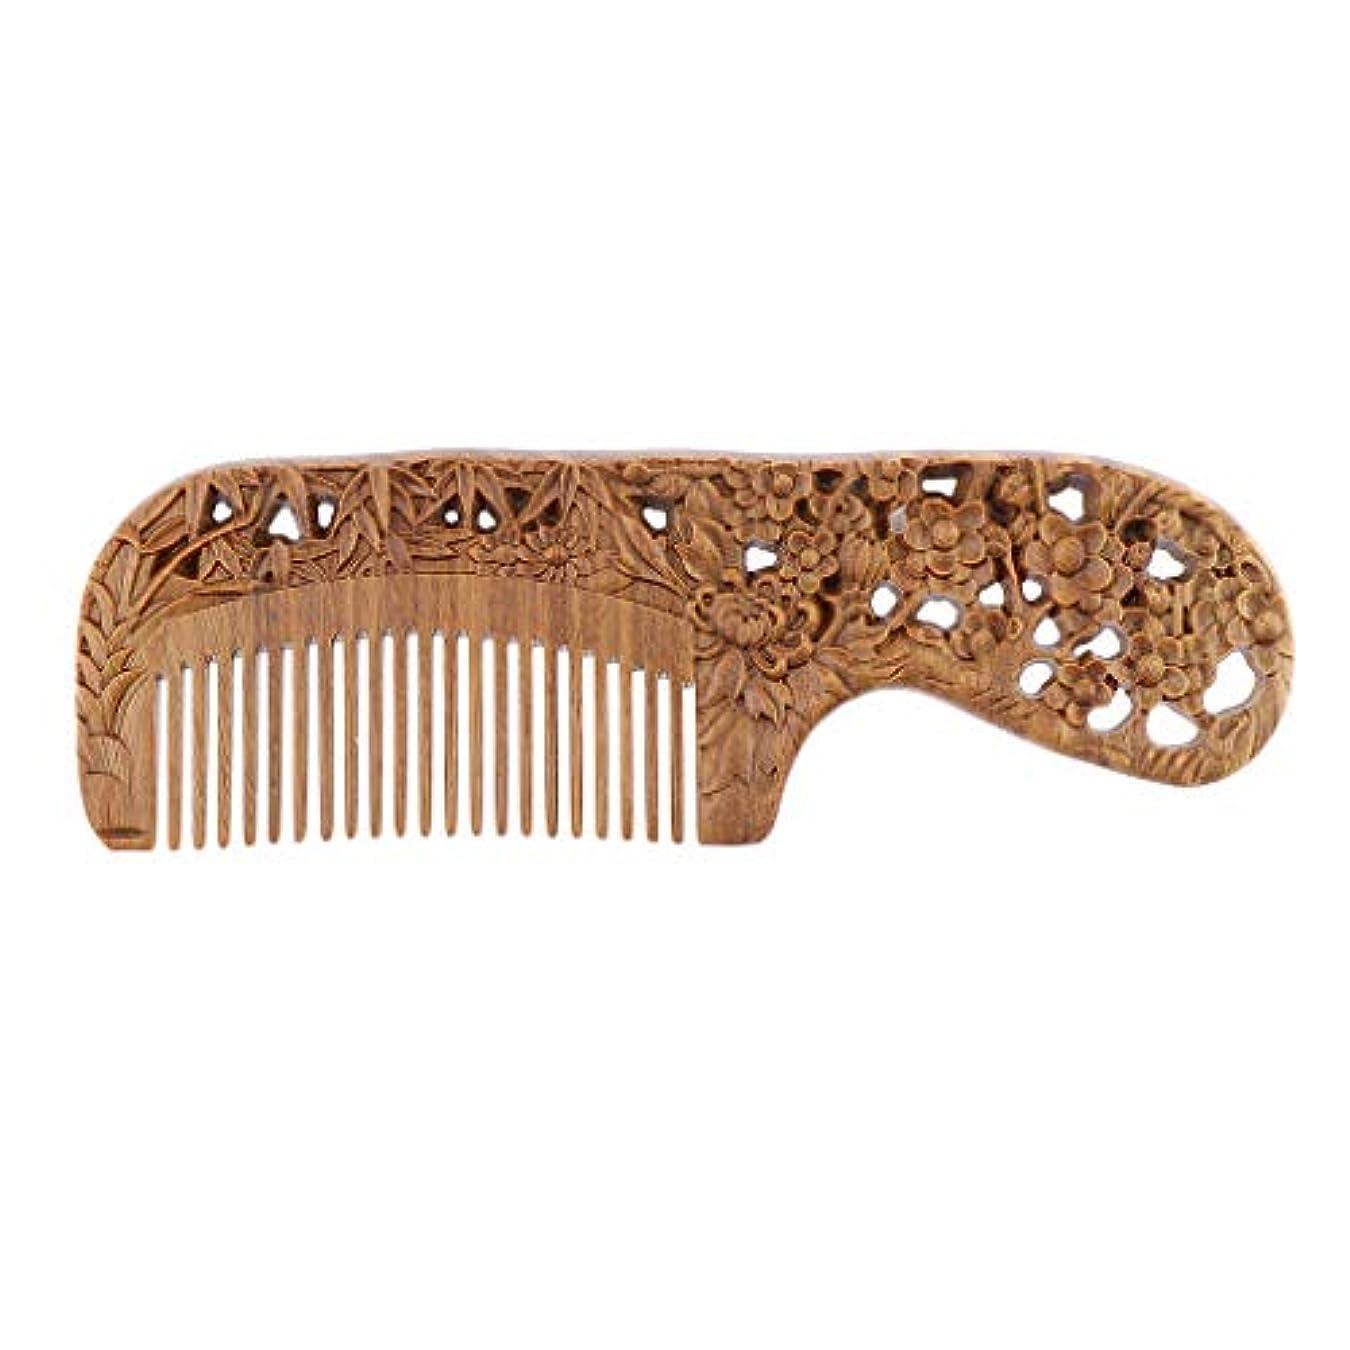 同等の前文変成器B Blesiya 手作り 木製櫛 ヘアブラシ ヘアコーム 頭皮マッサージ レトロ 4タイプ選べ   - 17.8 x 5.6 x 11.5 cm